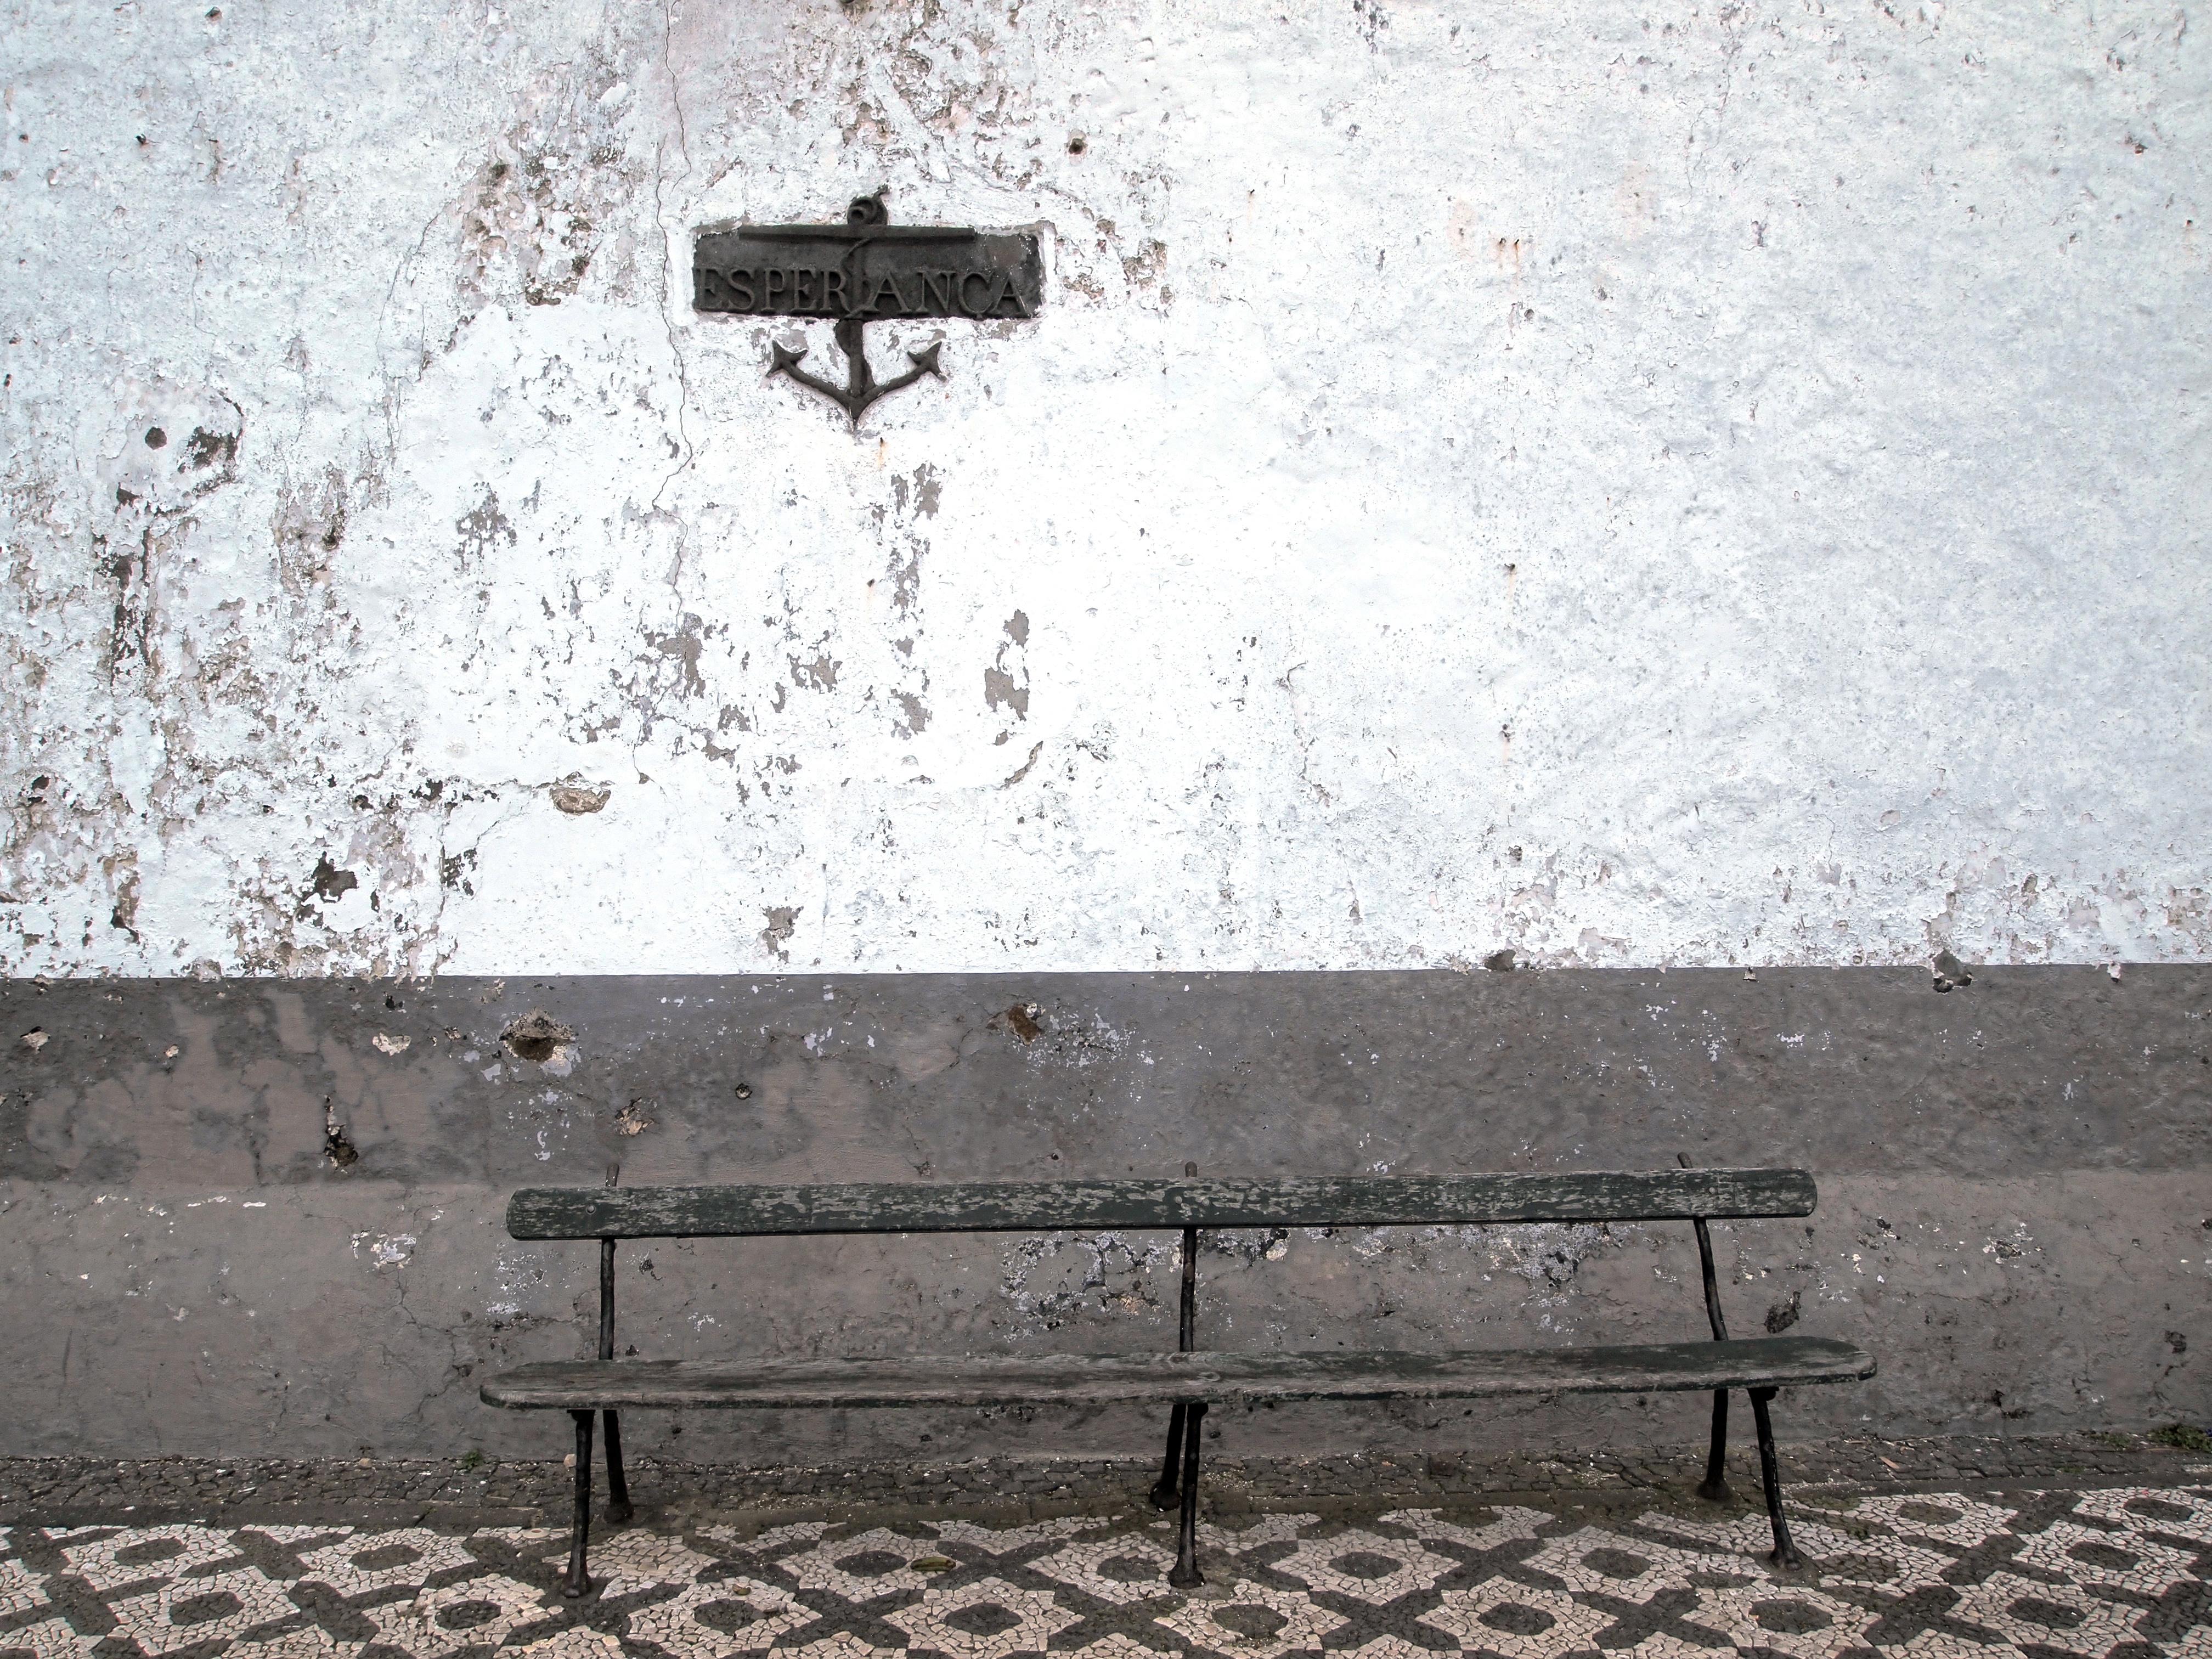 Fotos gratis : al aire libre, nieve, blanco, banco, pared, firmar ...